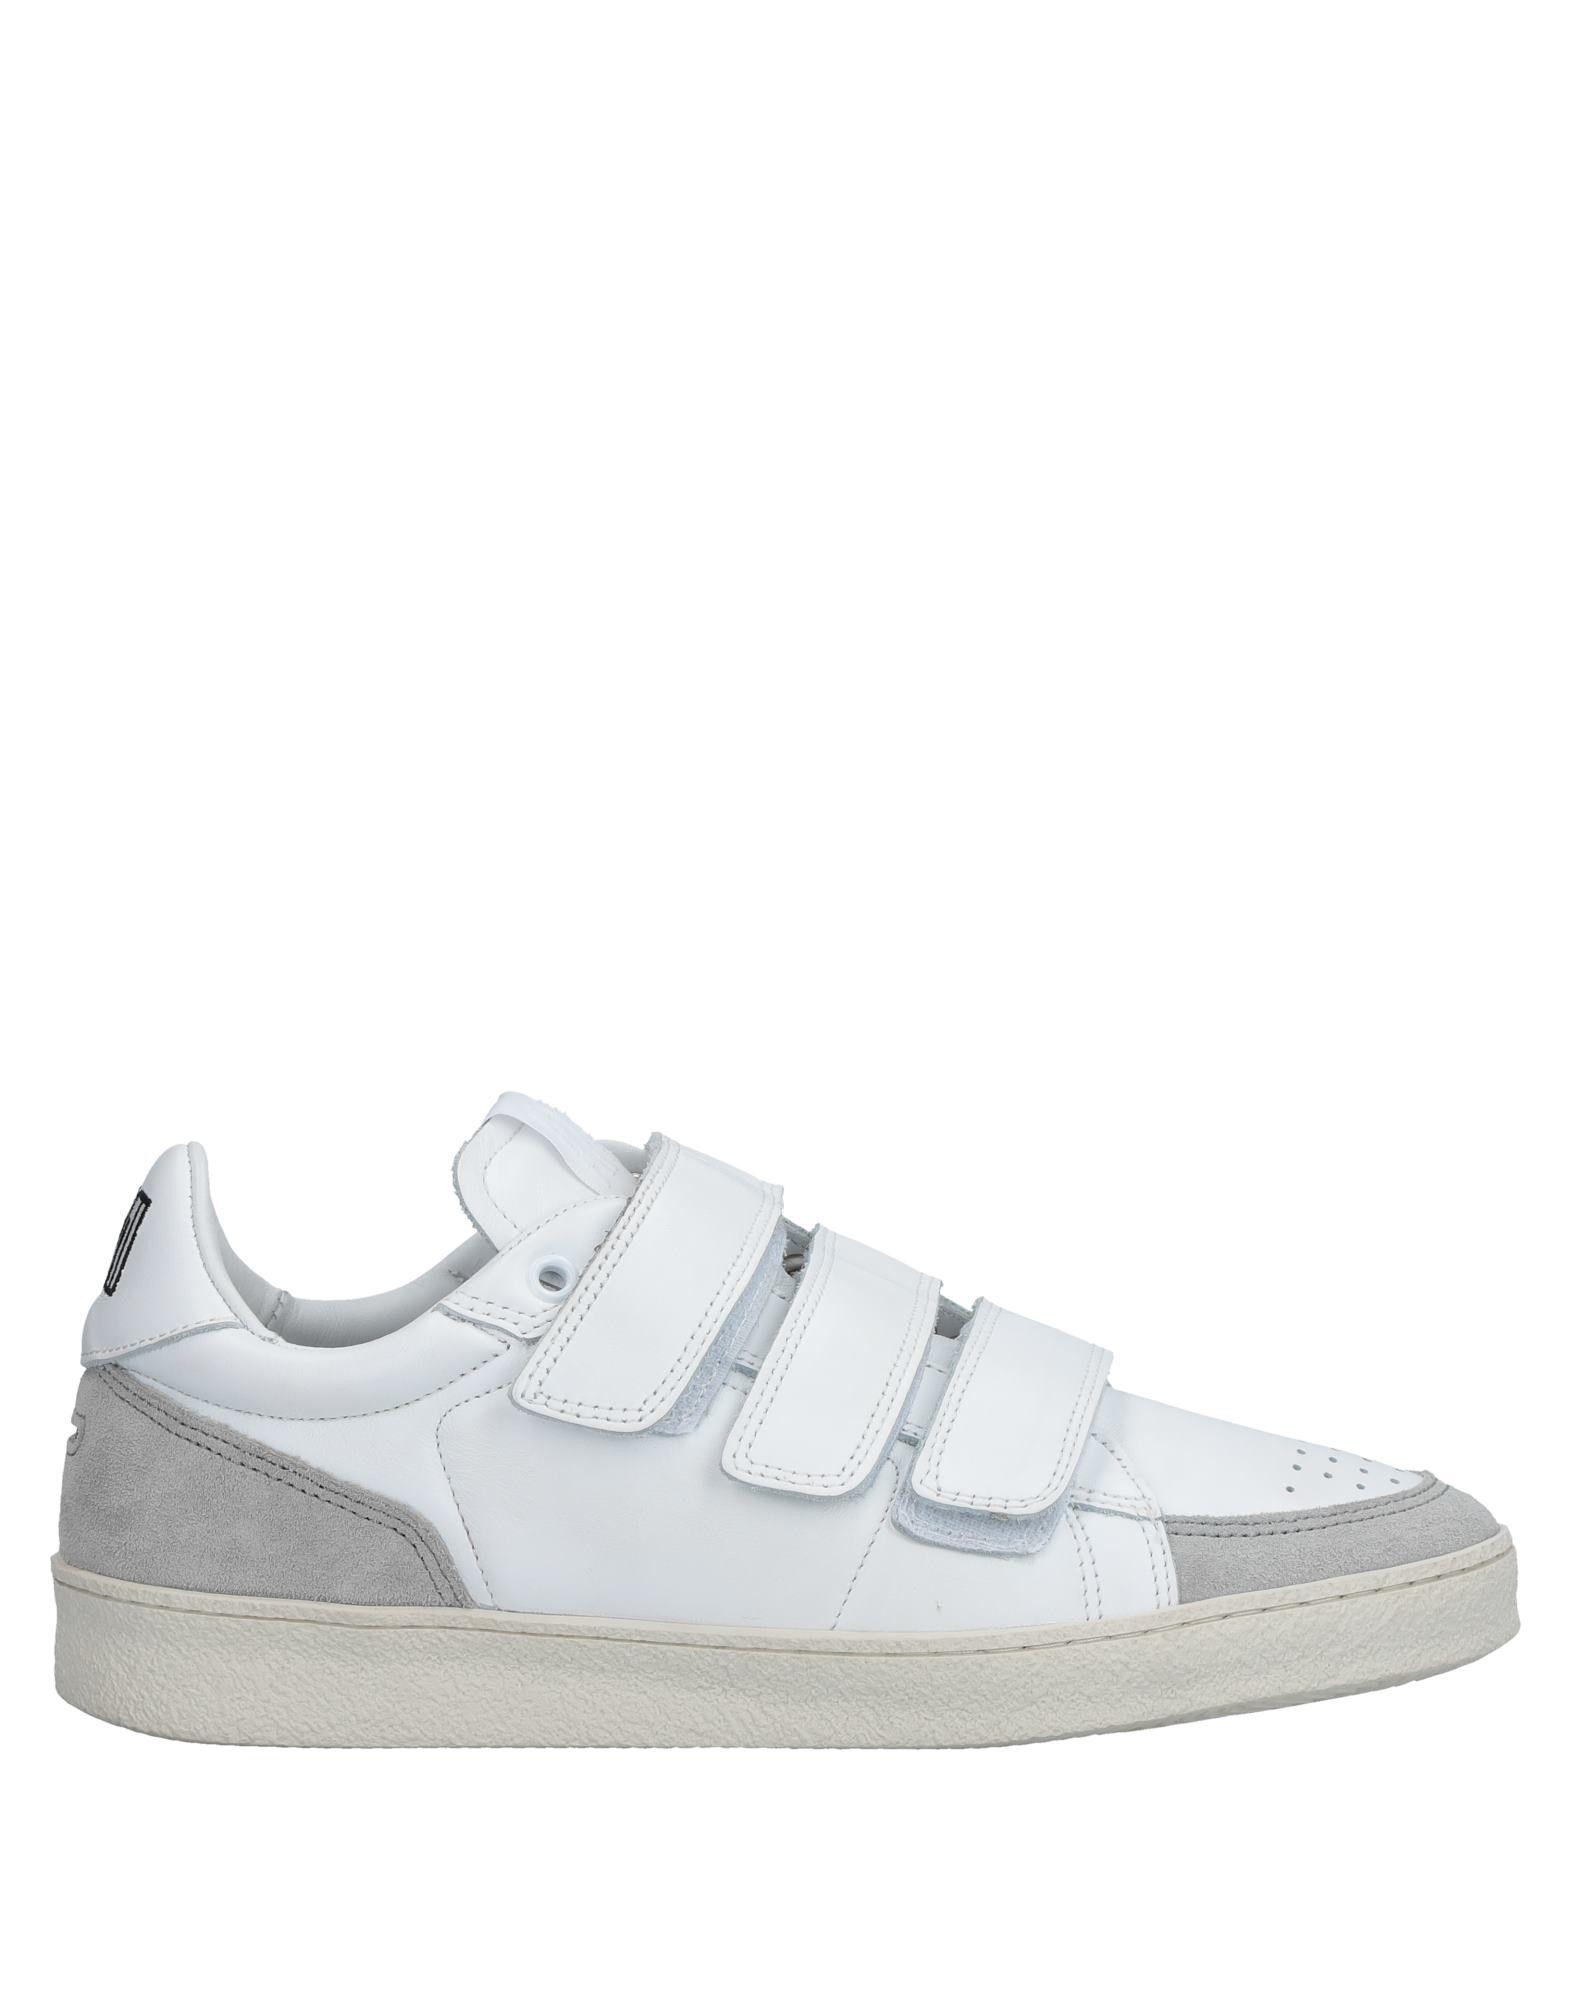 Ami Alexandre Mattiussi Sneakers Herren  11528159VA Neue Schuhe